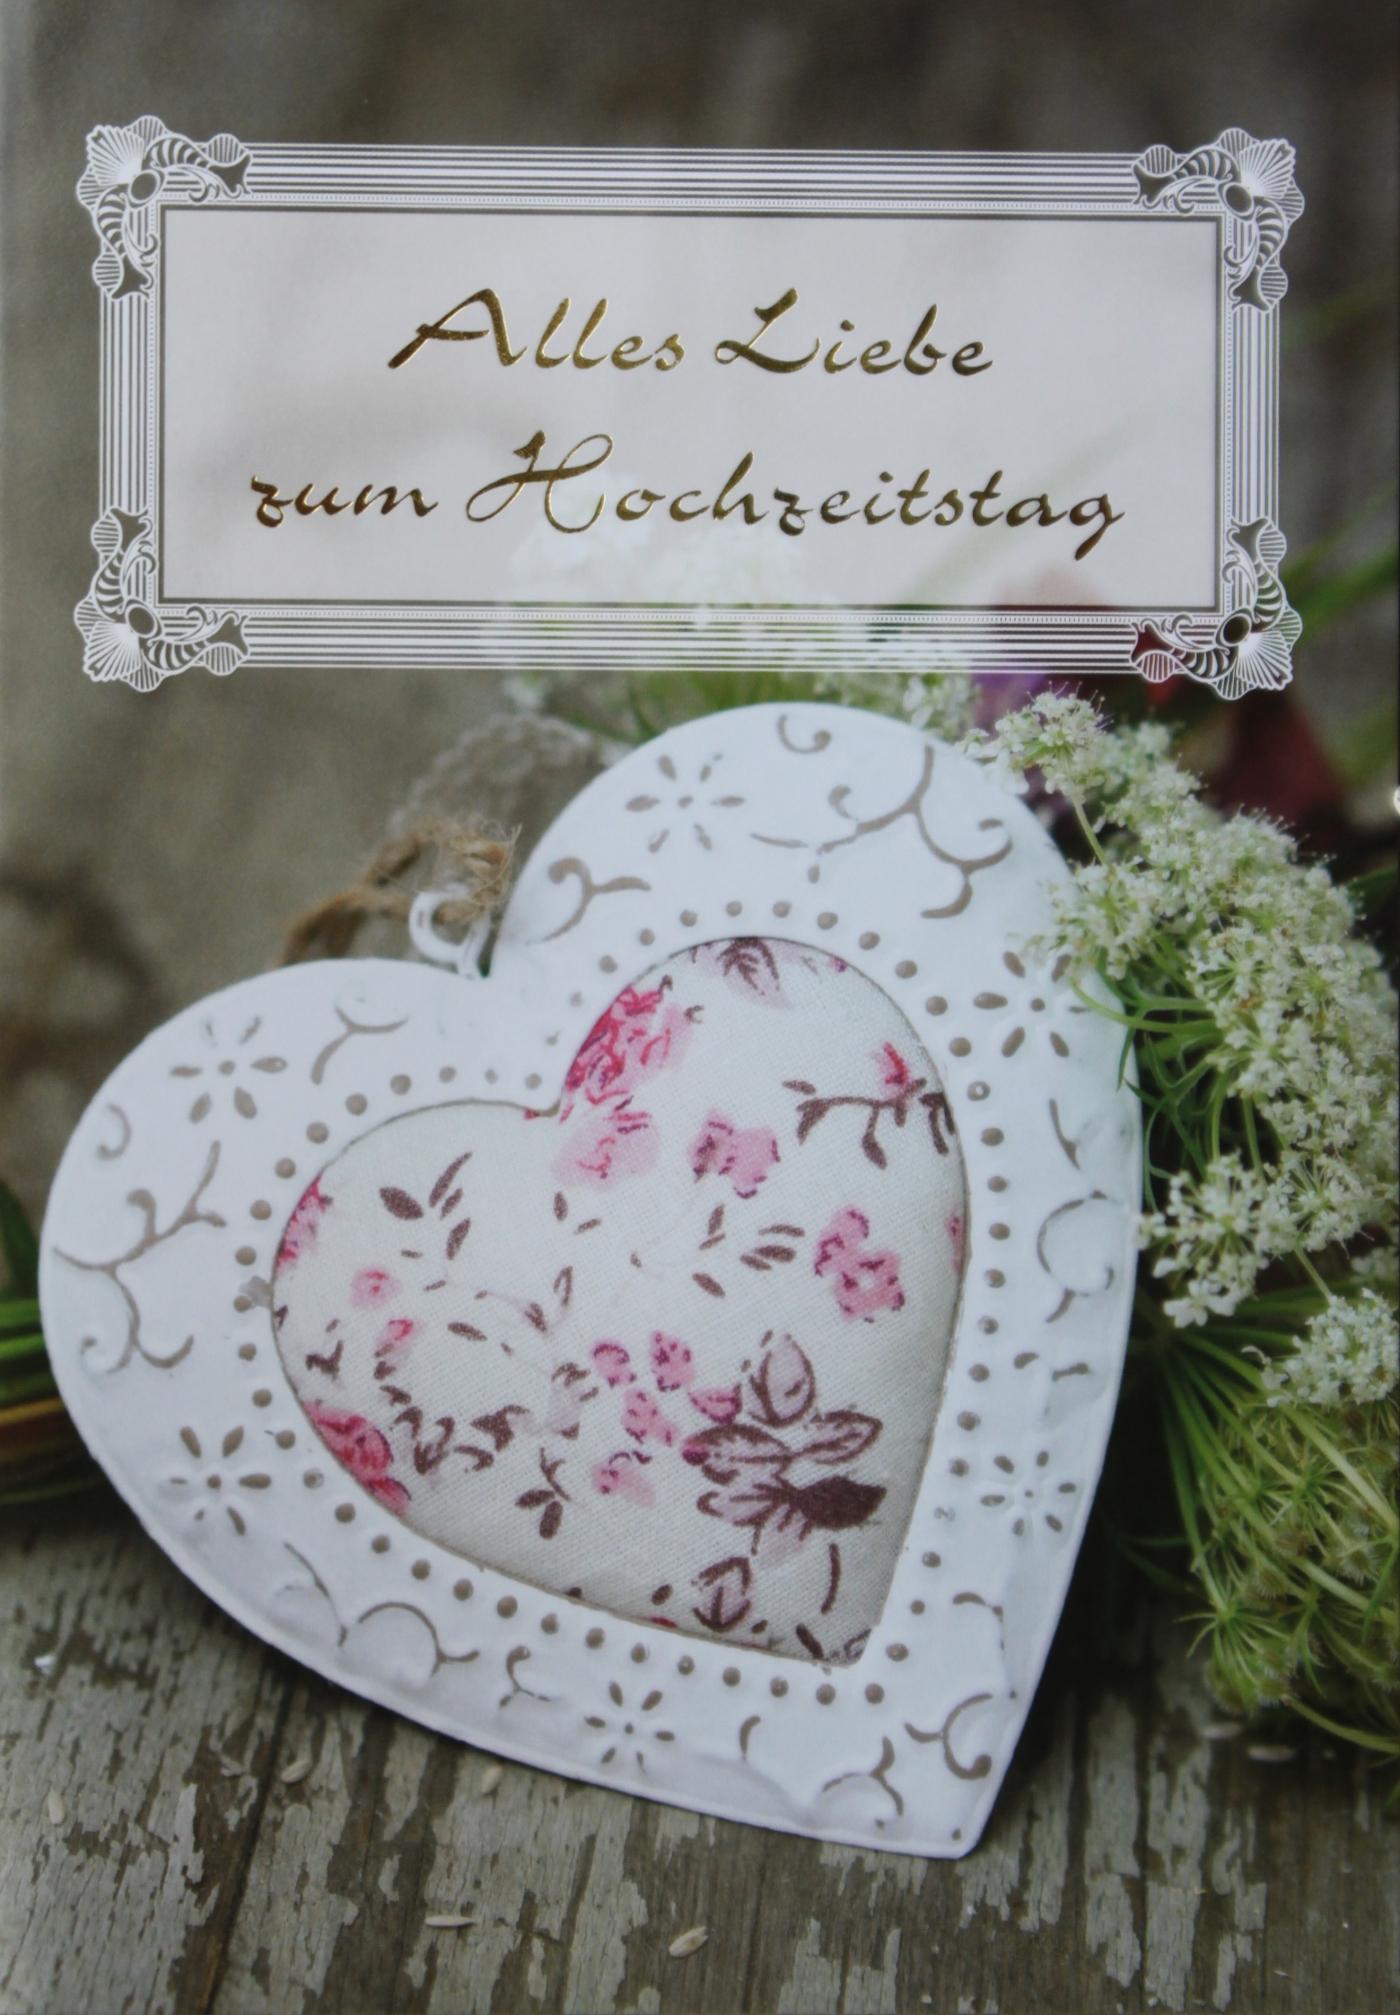 M200 Hochzeitstag - Glückwunschkarten Großhandel